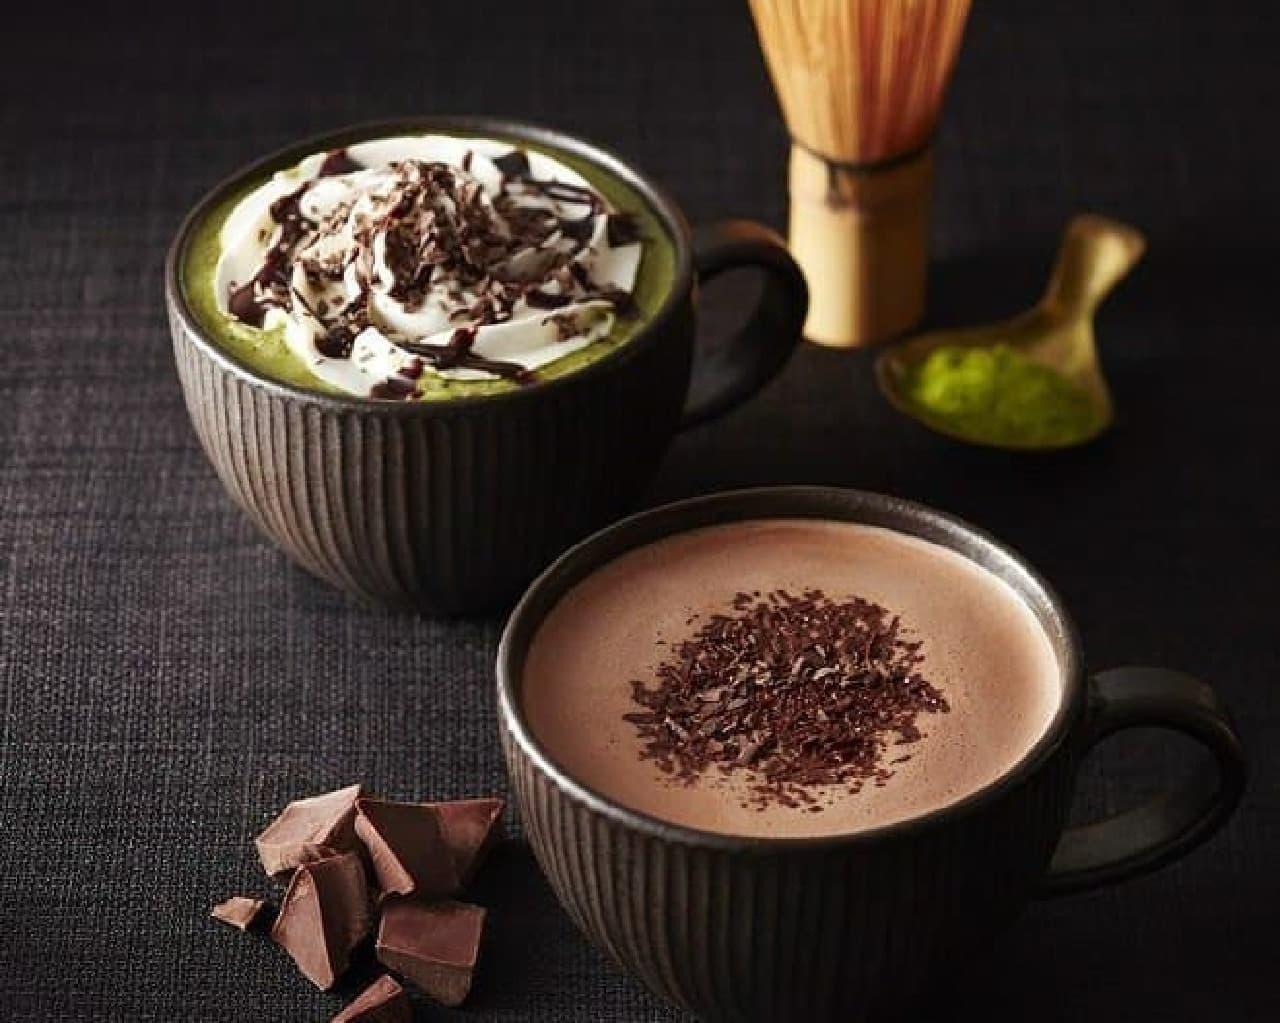 左から「チョコレート&抹茶モカ」「チョコリスタ」